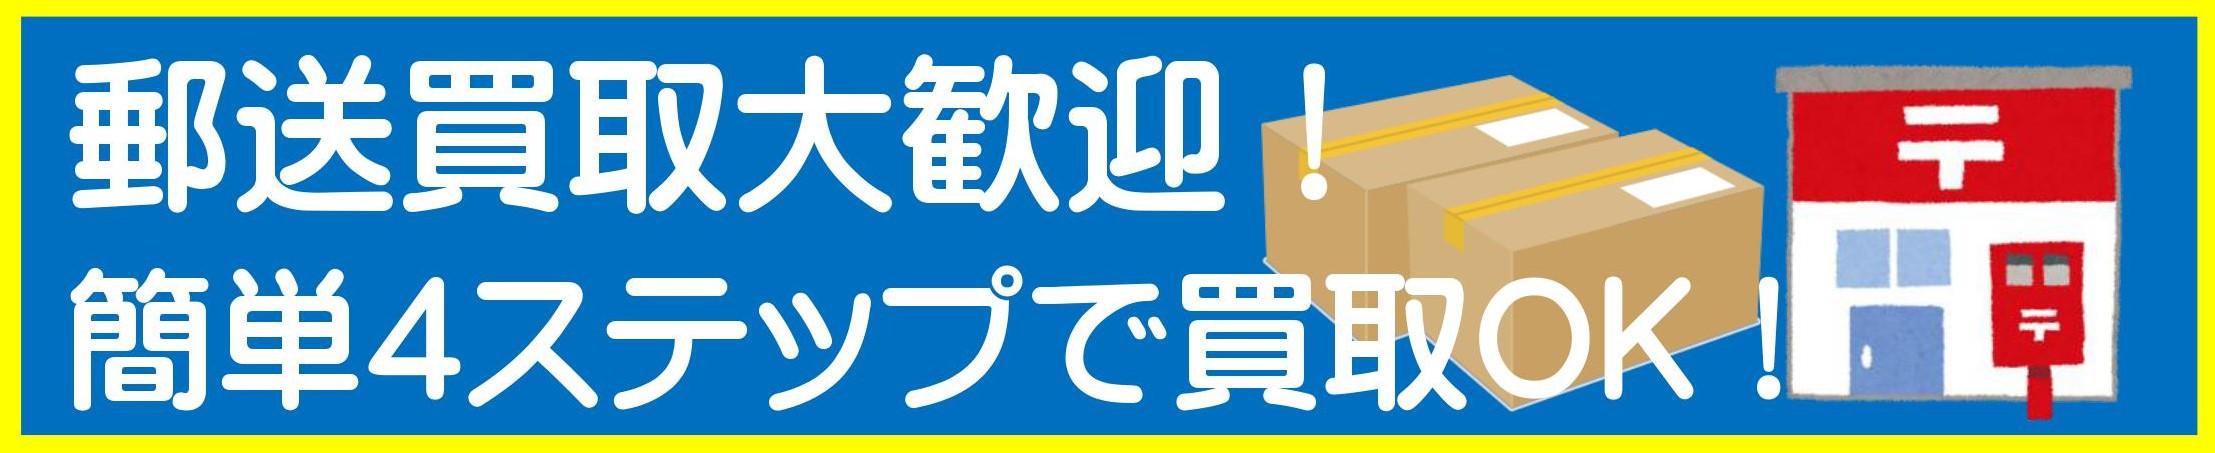 豊橋金券ショップフリーチケット|郵送買取